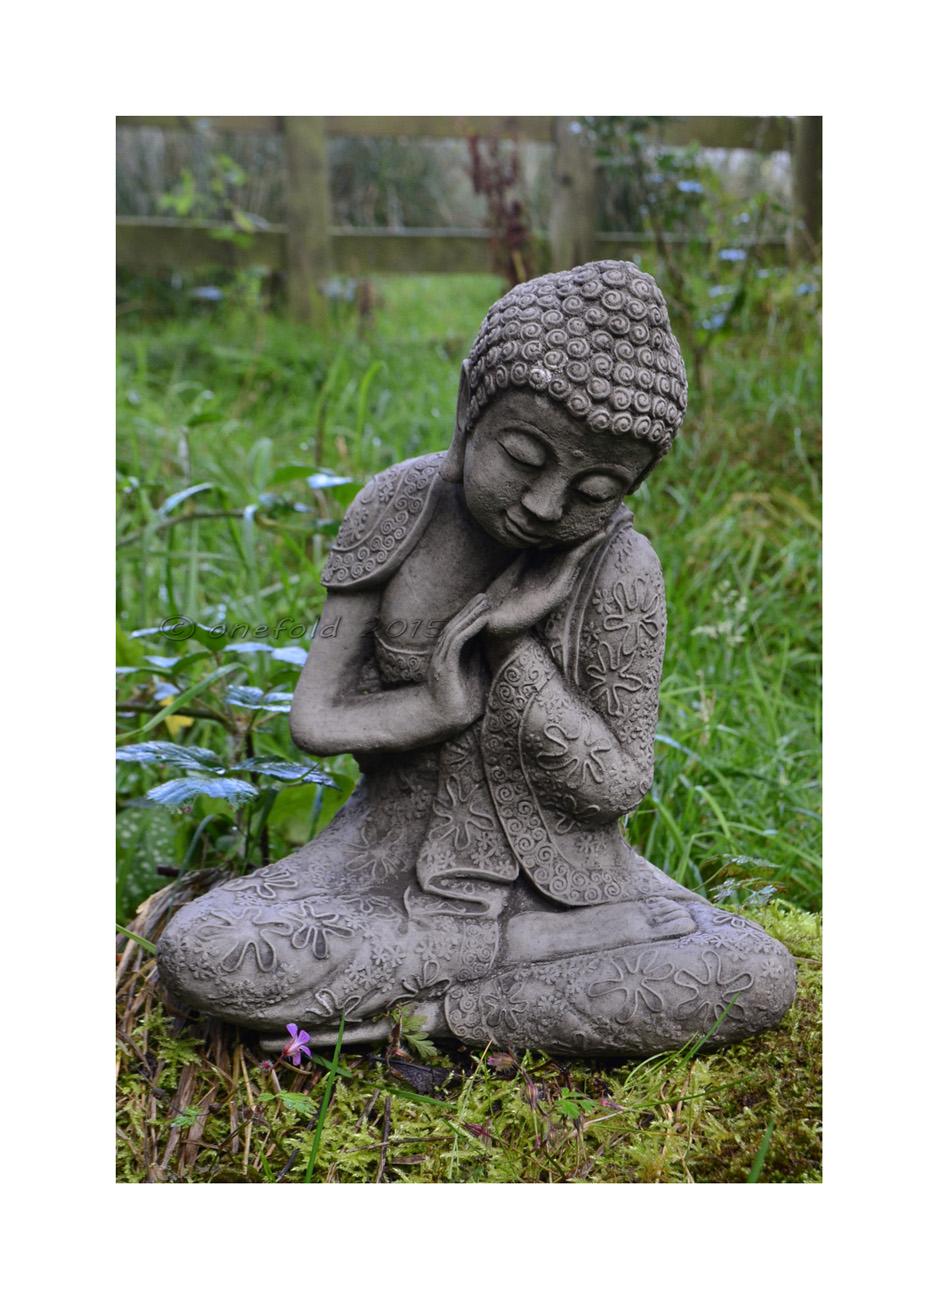 Resting Welsh Buddha Statue Garden Ornament 1